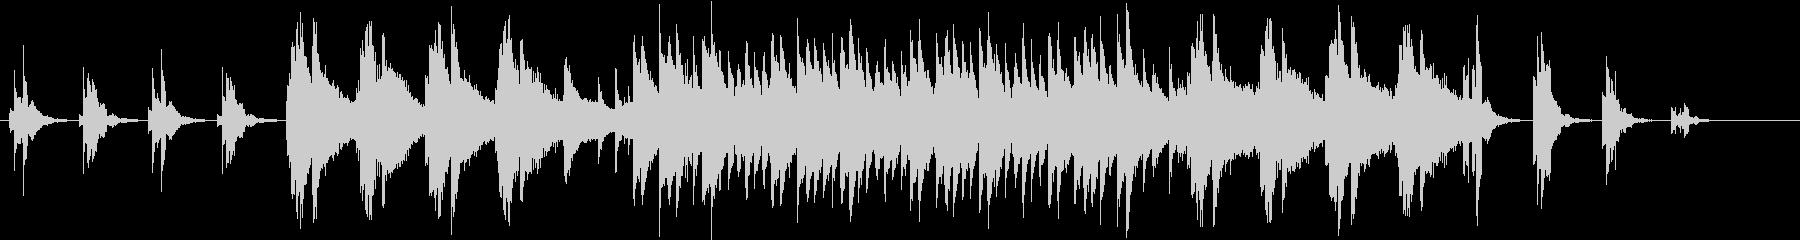 ミニマル、エレクトロニカ、チル、優しいの未再生の波形